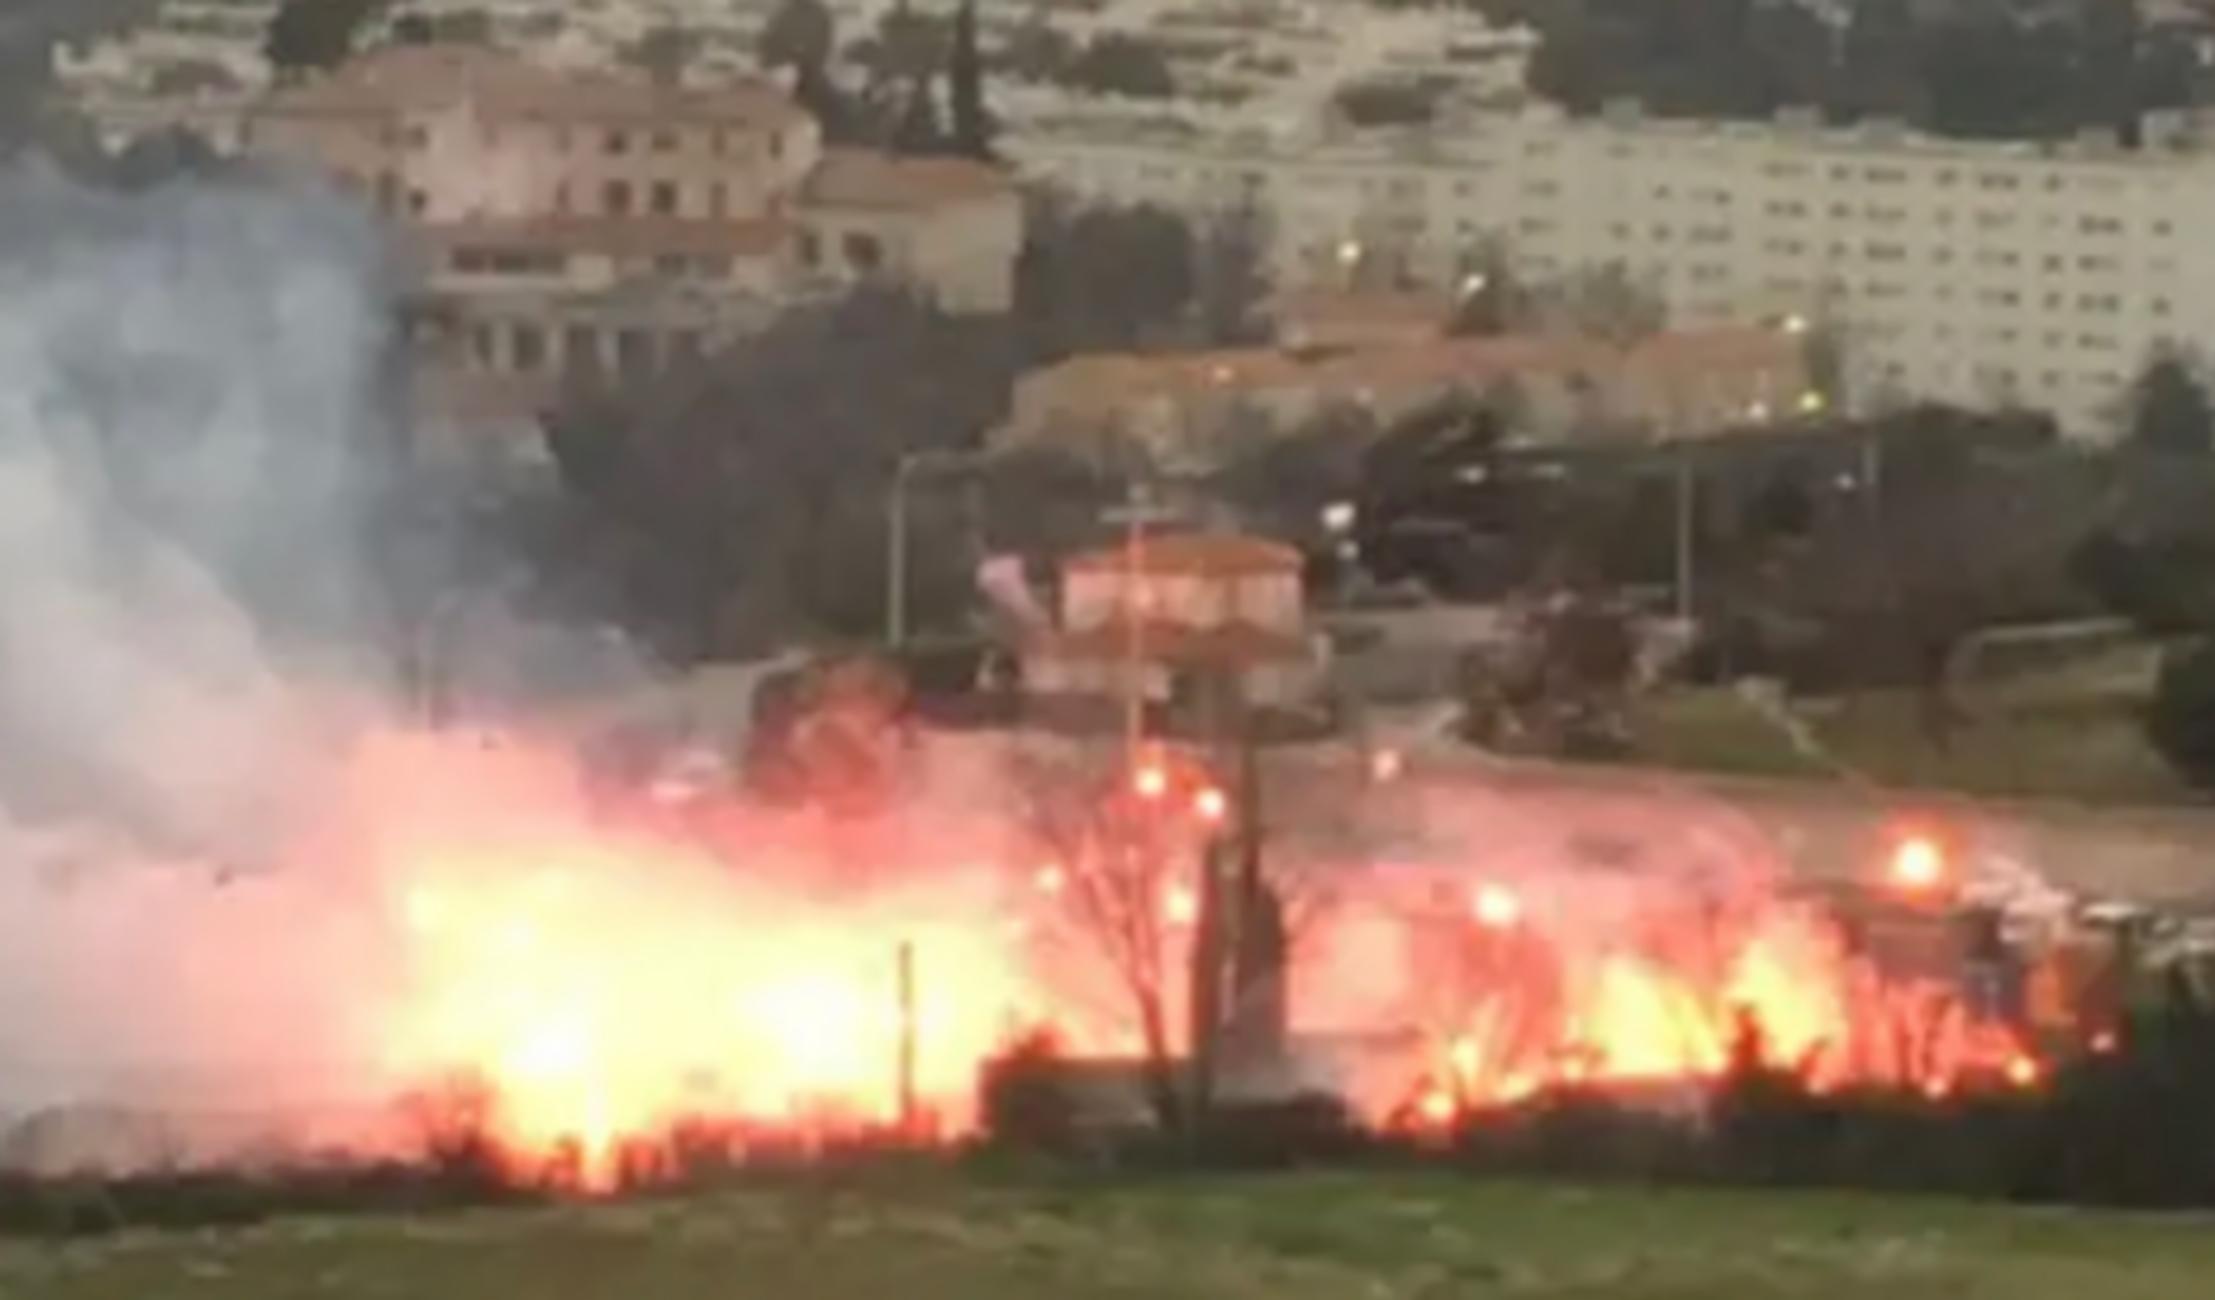 Εξαγριωμένοι οπαδοί της Μαρσέιγ έβαλαν φωτιές στο προπονητικό (vid, pics)